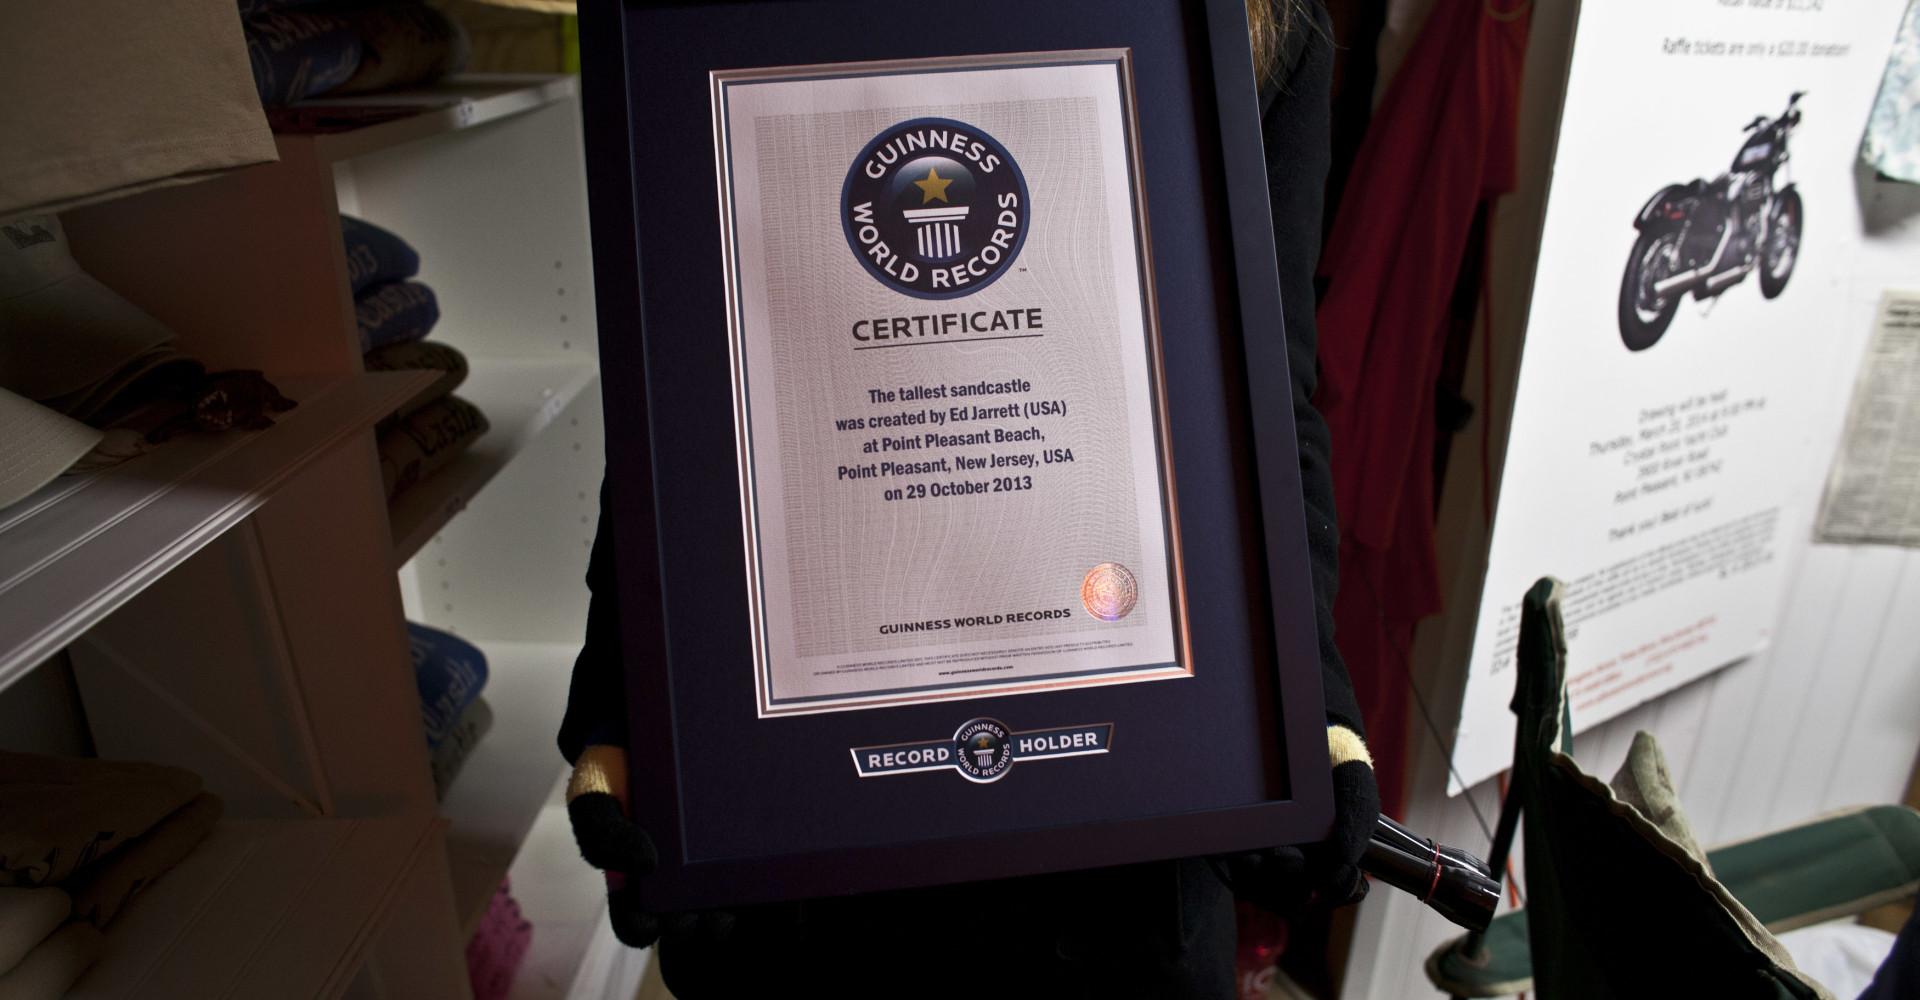 Belgen die The Guinness Book of Records hebben gehaald